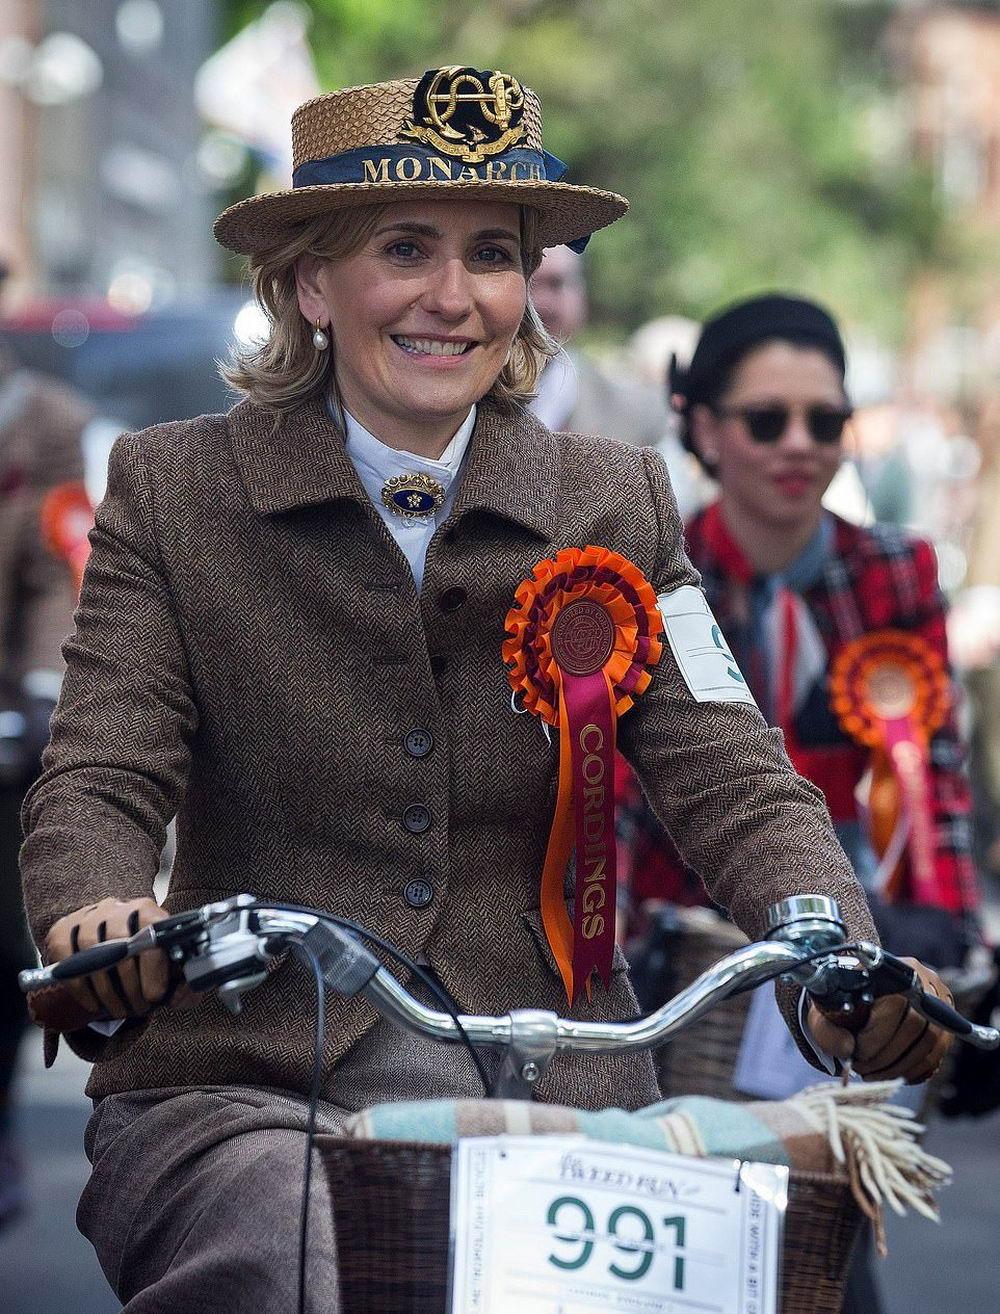 Ежегодный твидовый пробег в Лондоне (20 фото)